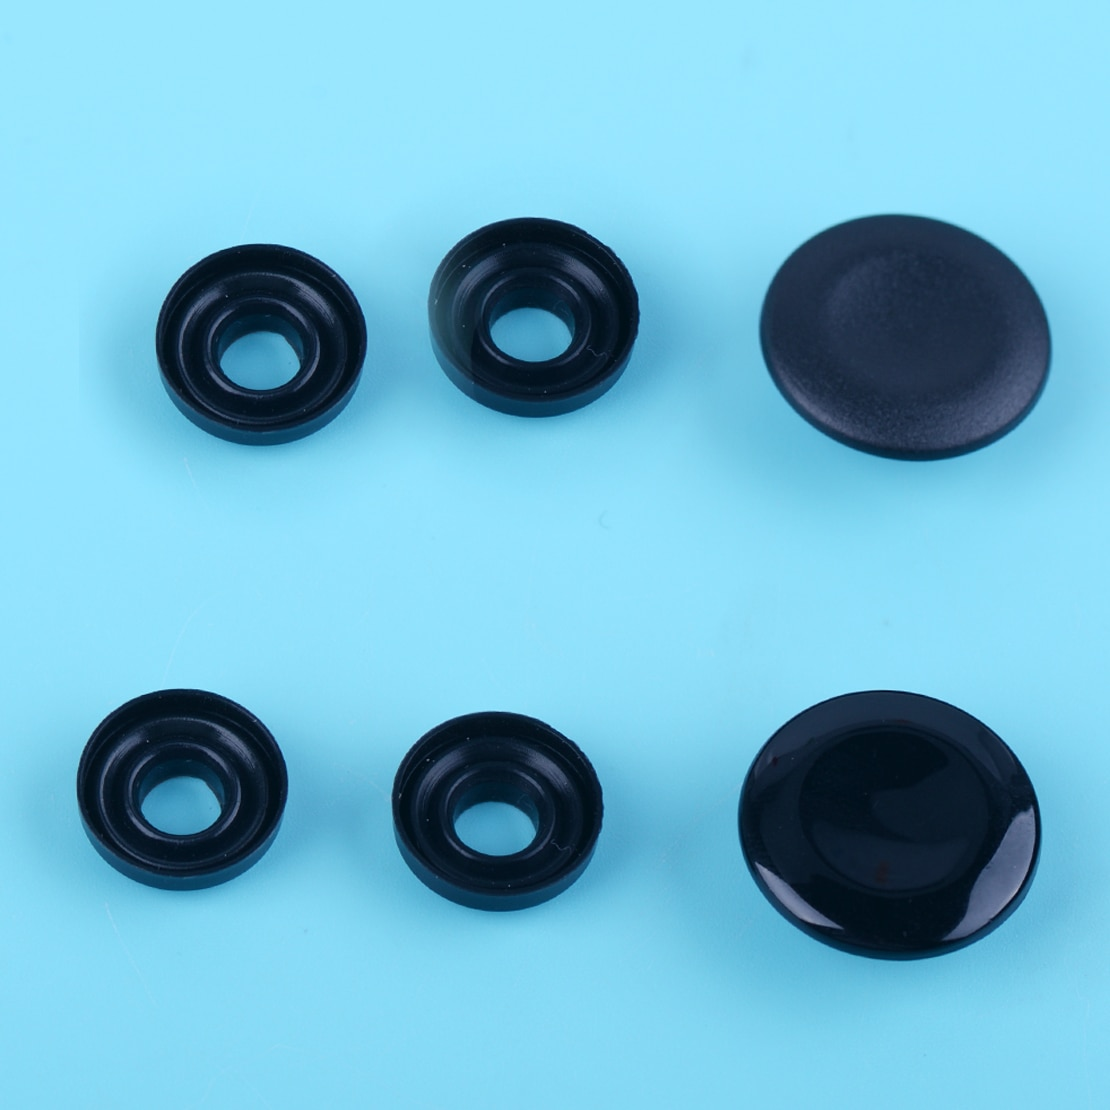 Dwcx novo mmi botão centro joystick botão capa kit de reparo 8k0998068 um apto para audi a4 a5 a6 q5 s6 a8 q5 rs5 rs6